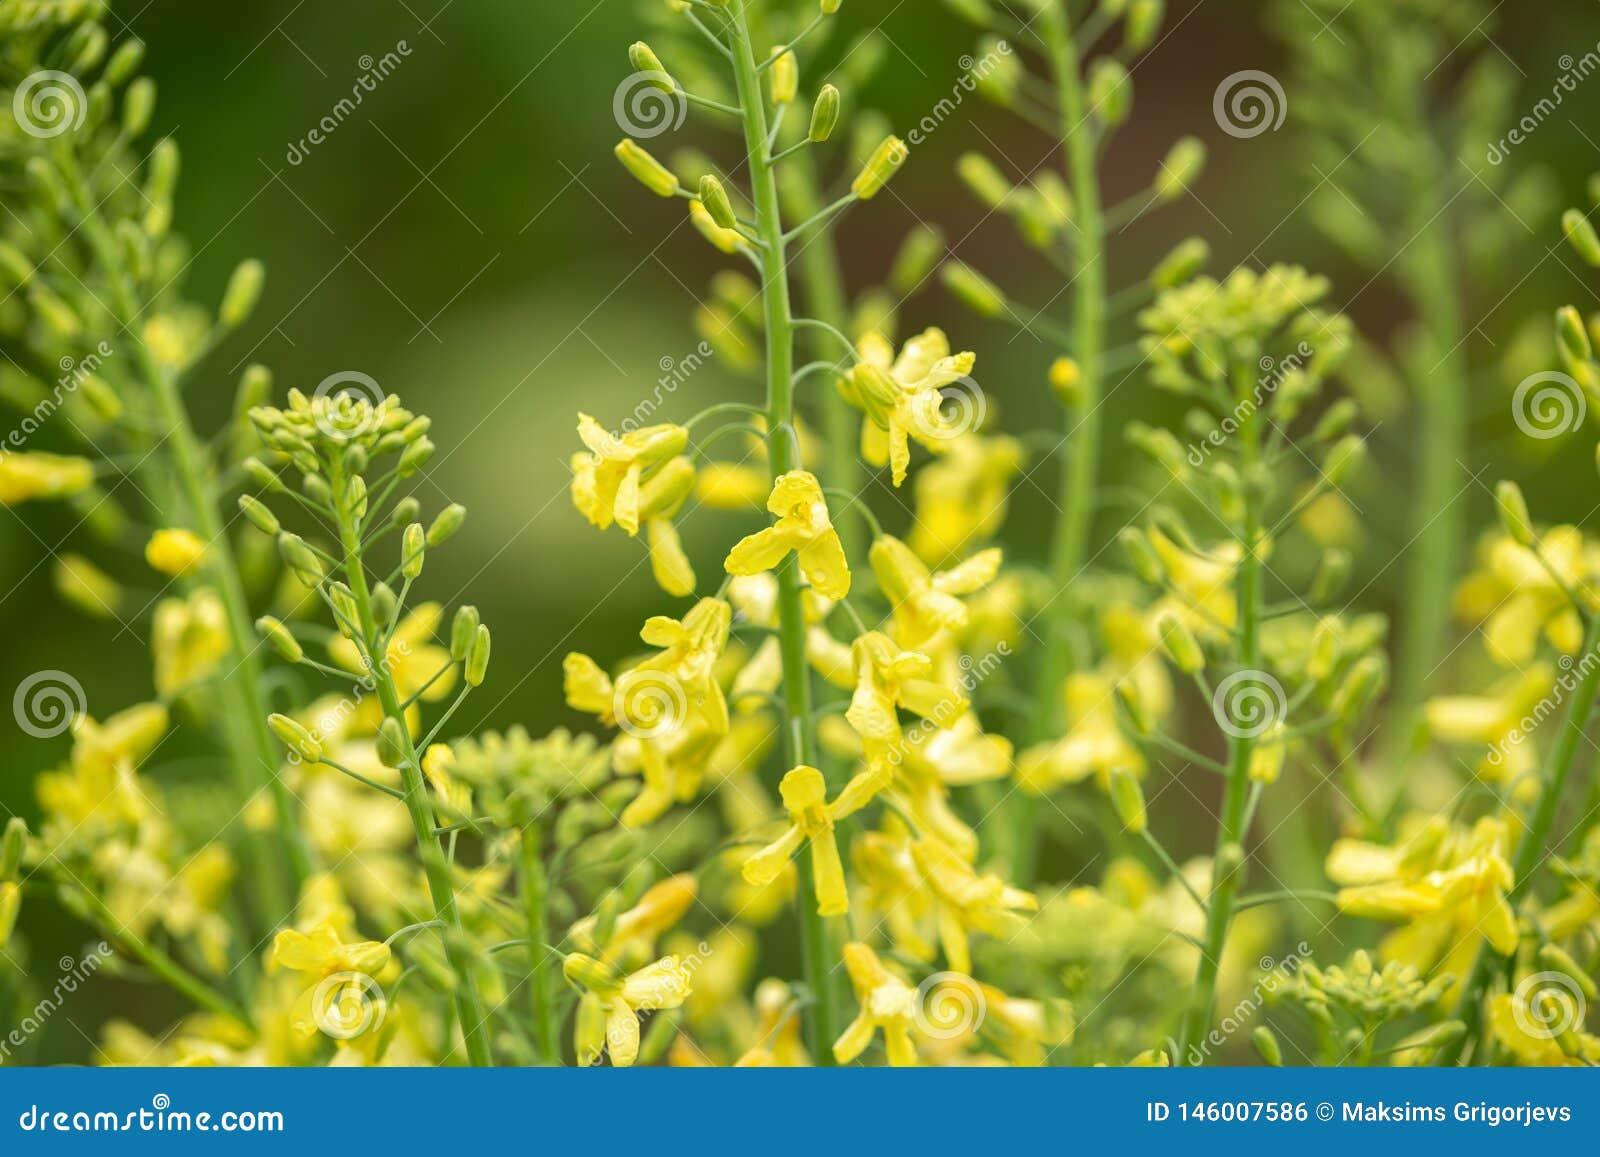 Fiori gialli di cavolo riccio per la raccolta seguente del seme nel giardino di primavera